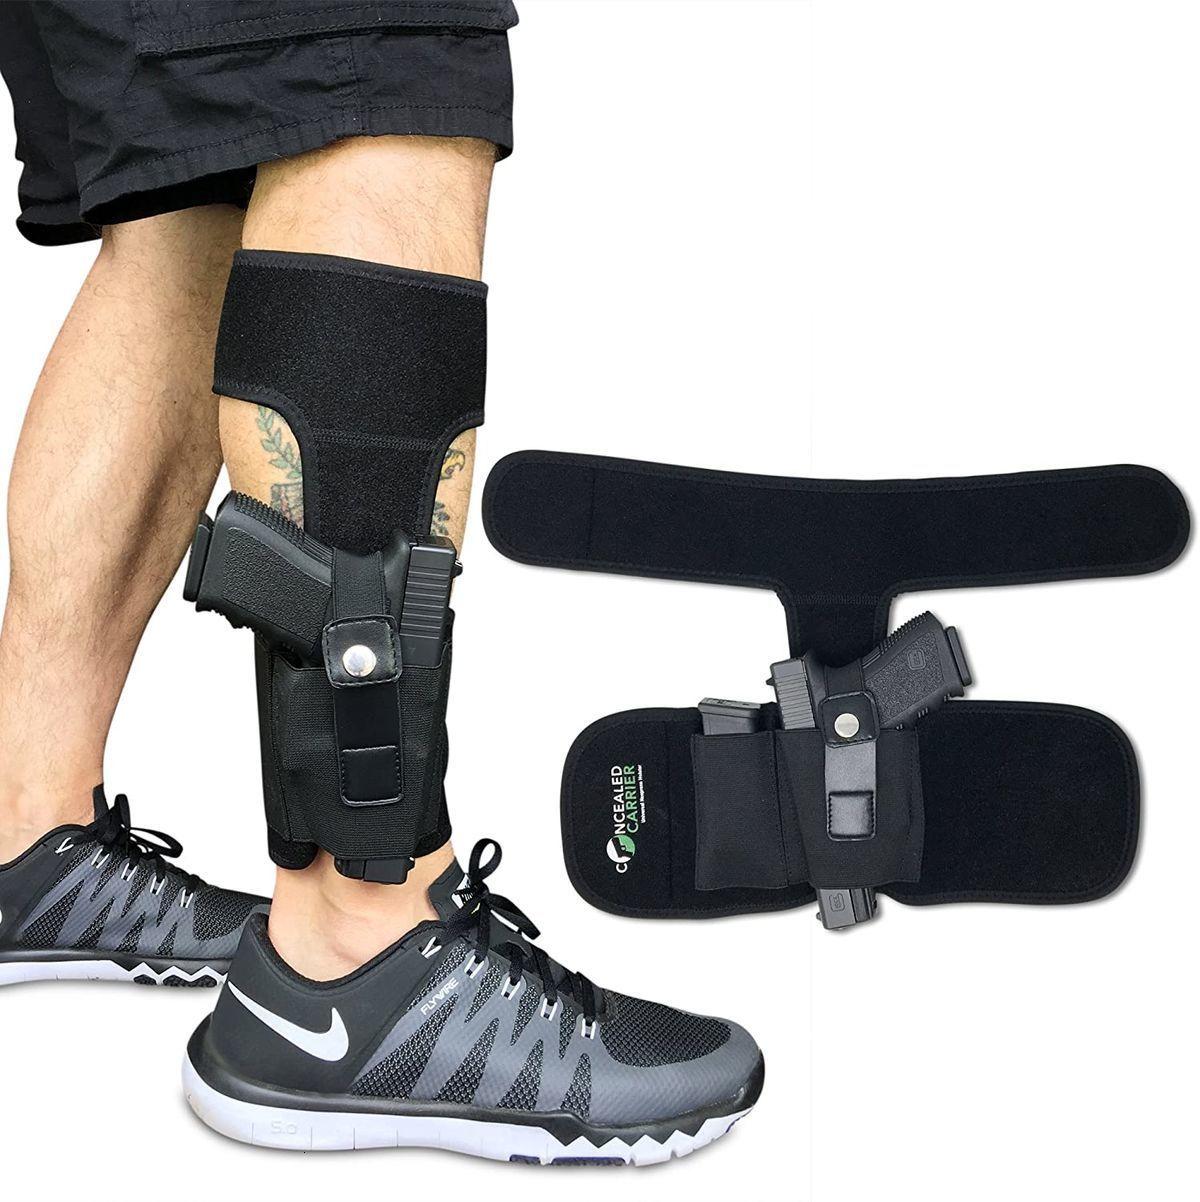 Nascosto Carrier (TM caviglia Holster per trasporto occulto pistola | universale Leg Carry Holster con Magazine Pouch per Glock 42, 43, 36,